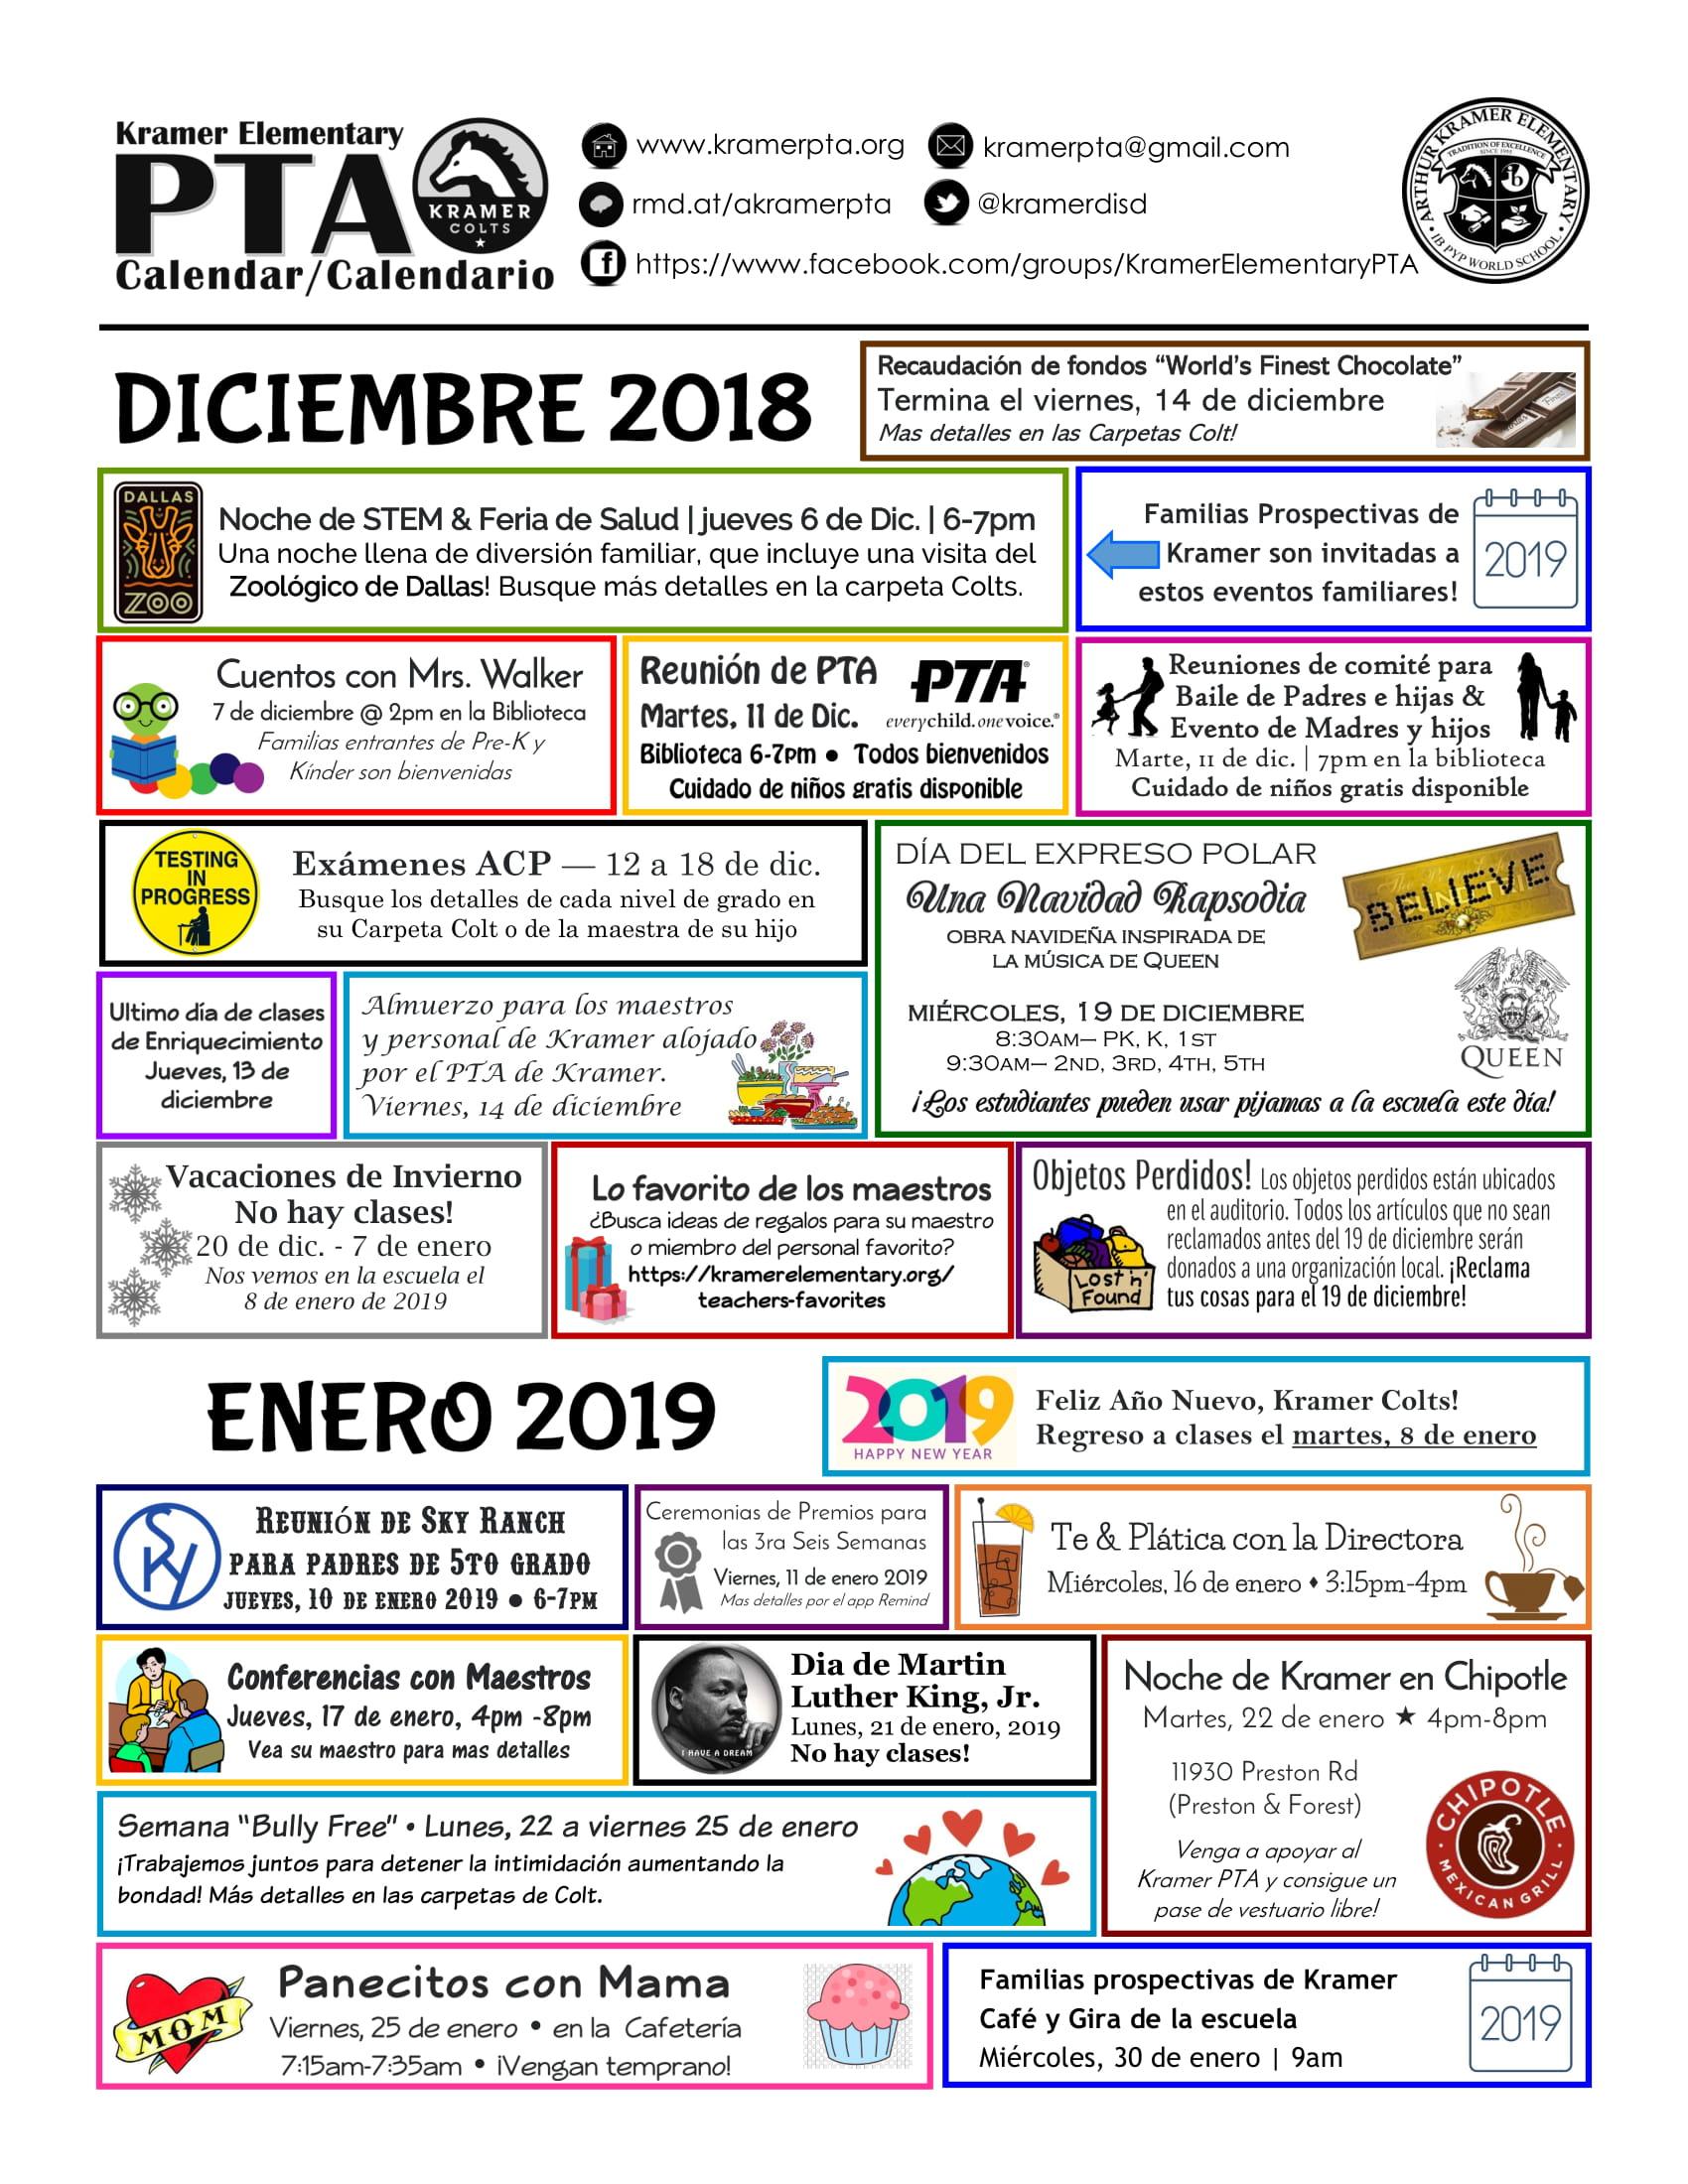 Calendar_12_2018-2.jpg